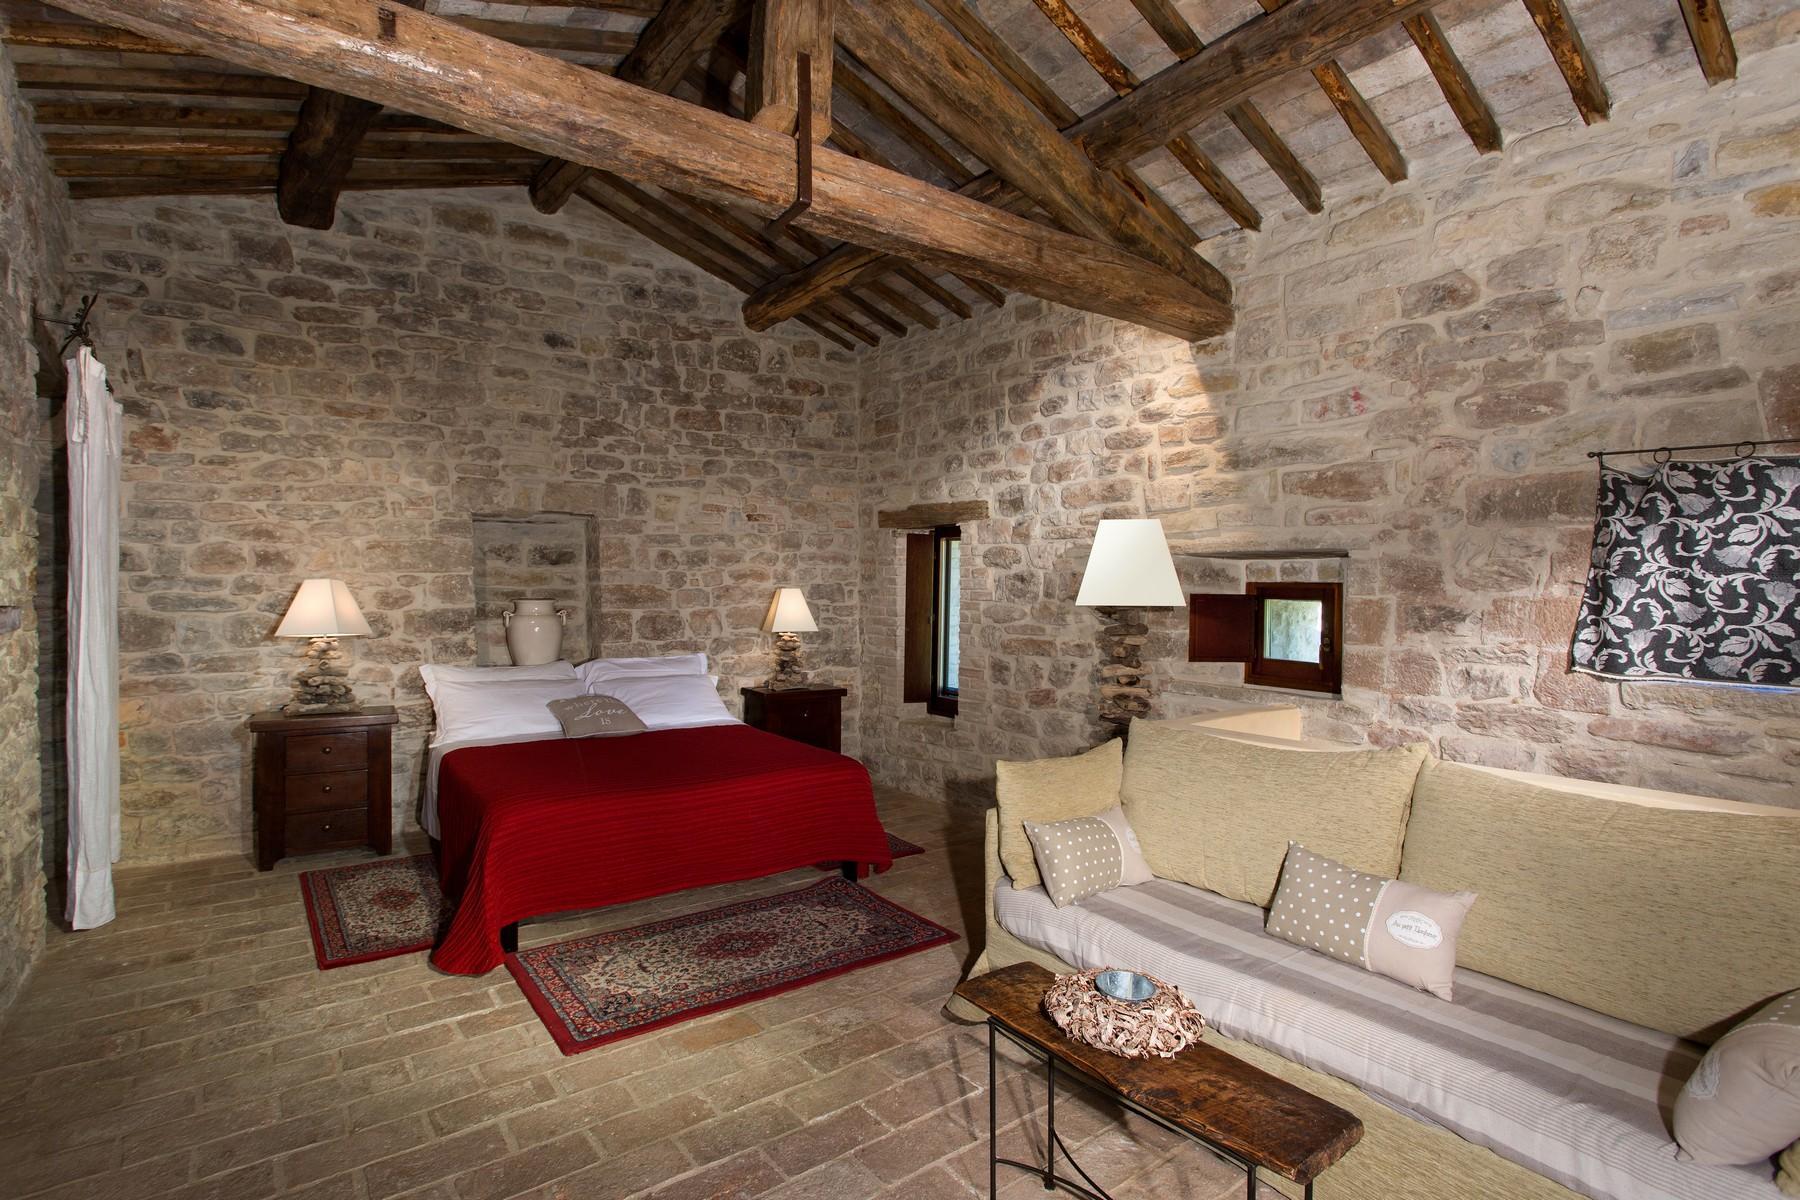 Исторический монастырь, построенный в 13 веке - 5